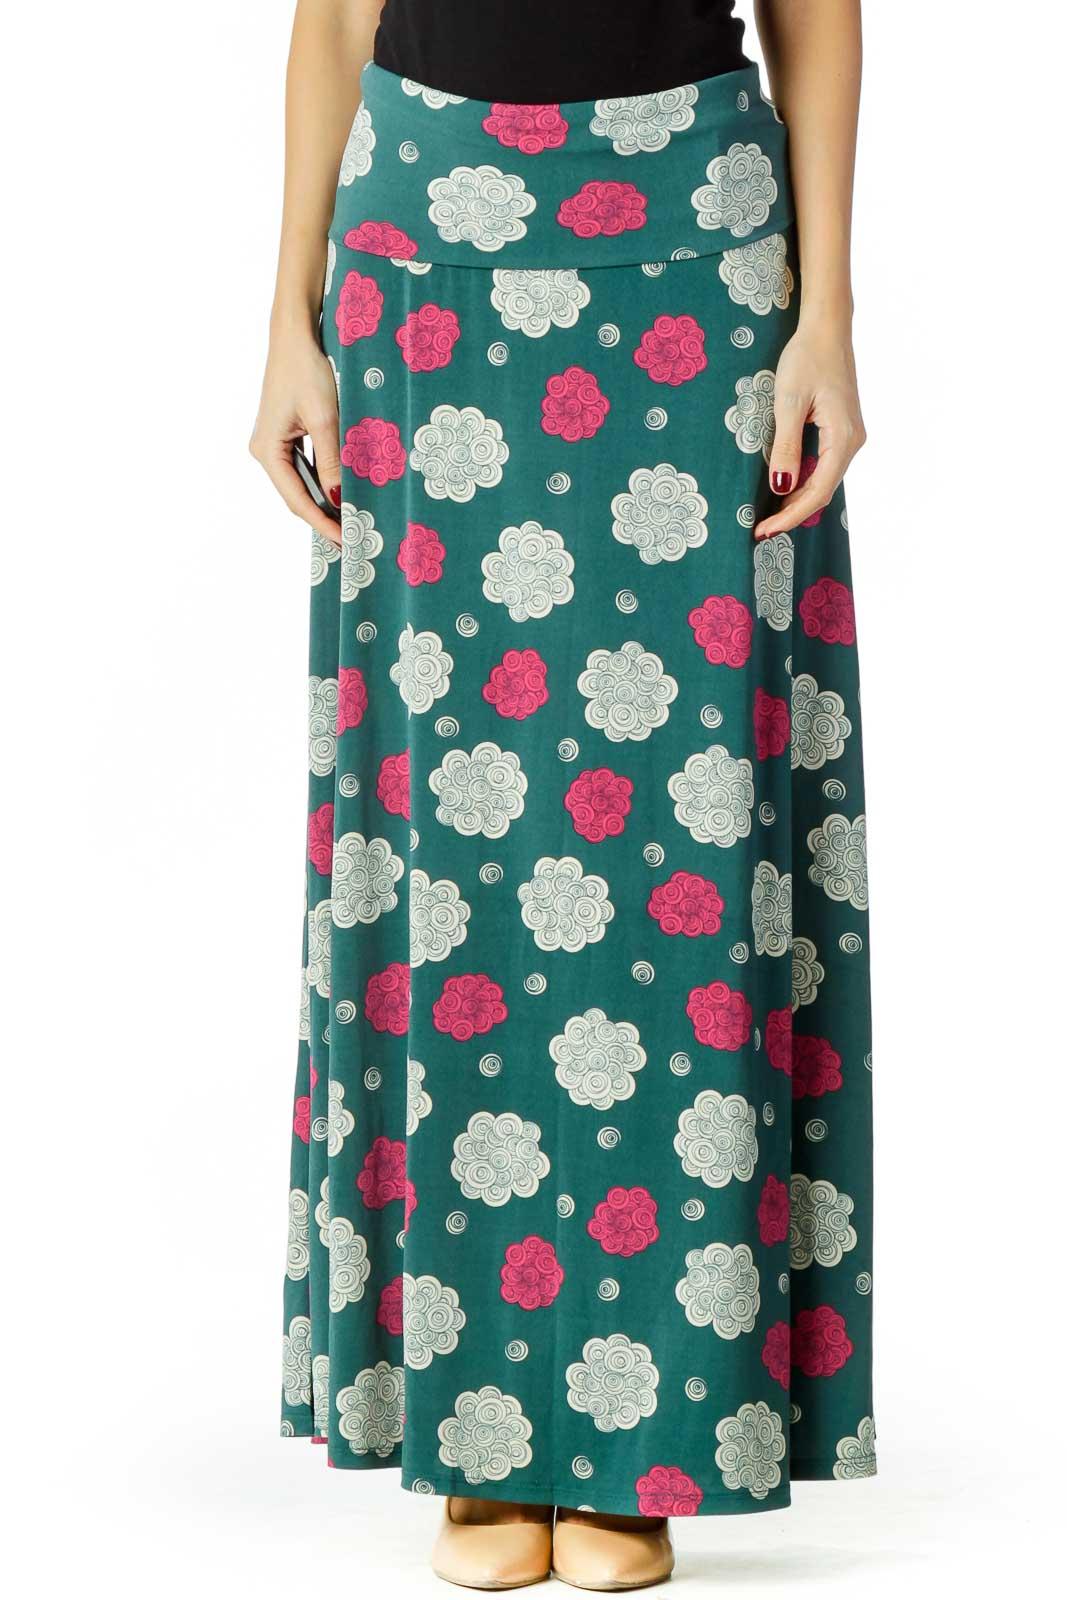 Green Cream Pink Maxi Skirt